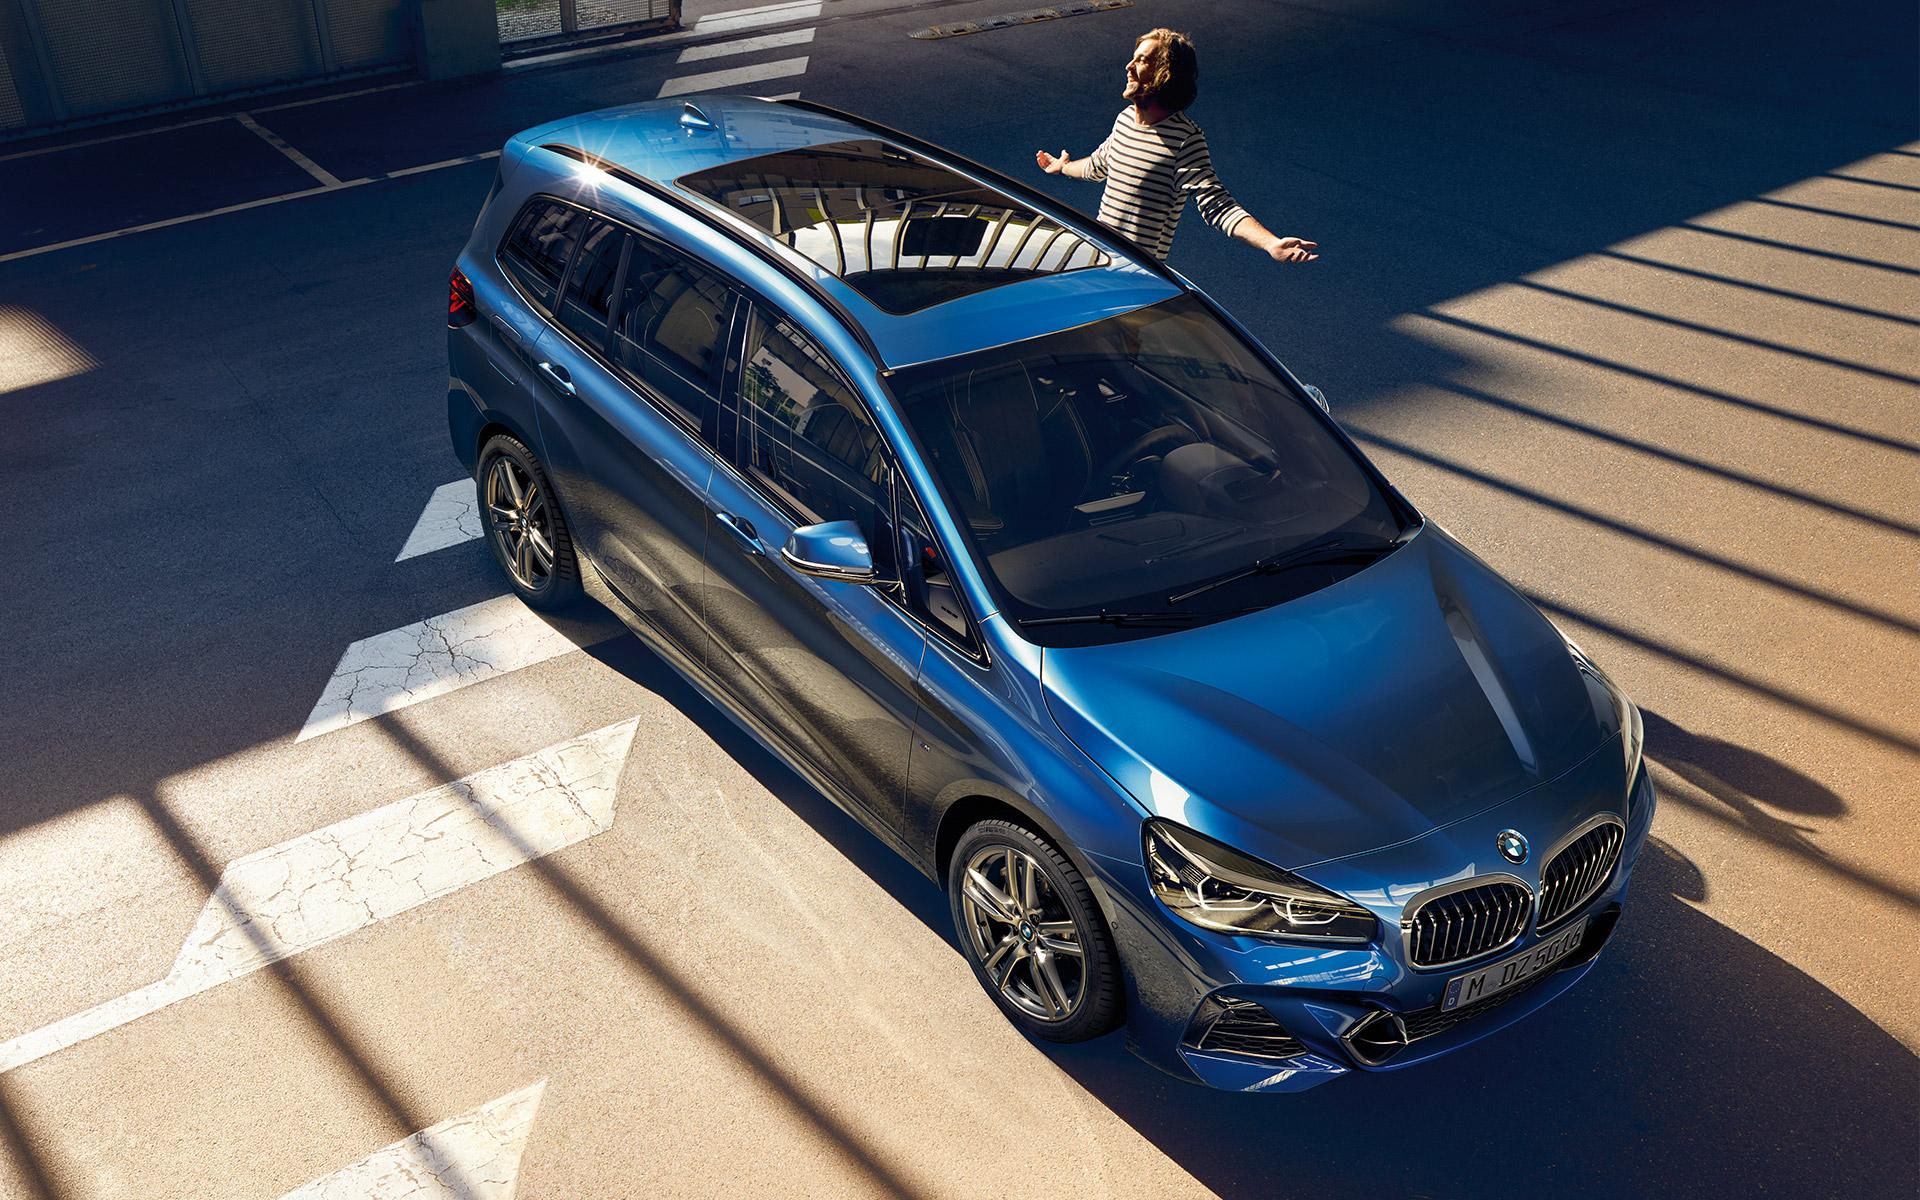 A BMW 493 százalékkal növelte 7 üléses modelljének eladásait a nagycsaládosok kormányzati támogatása miatt